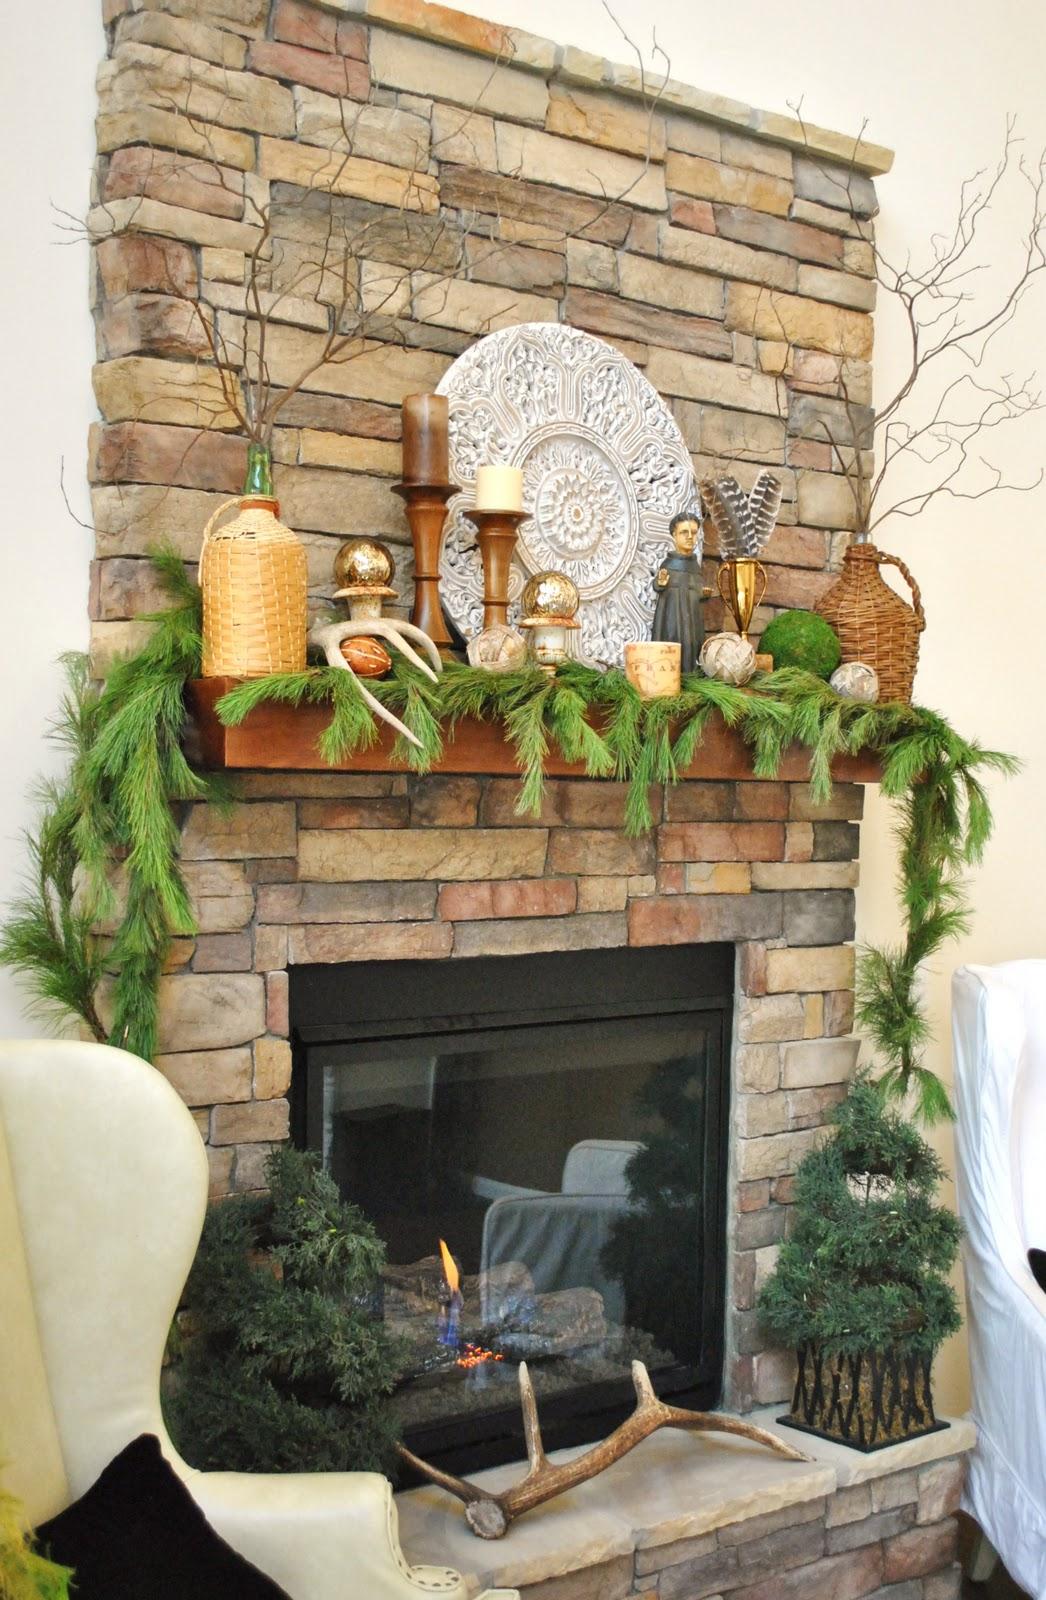 sophia 39 s rustic stone christmas mantel